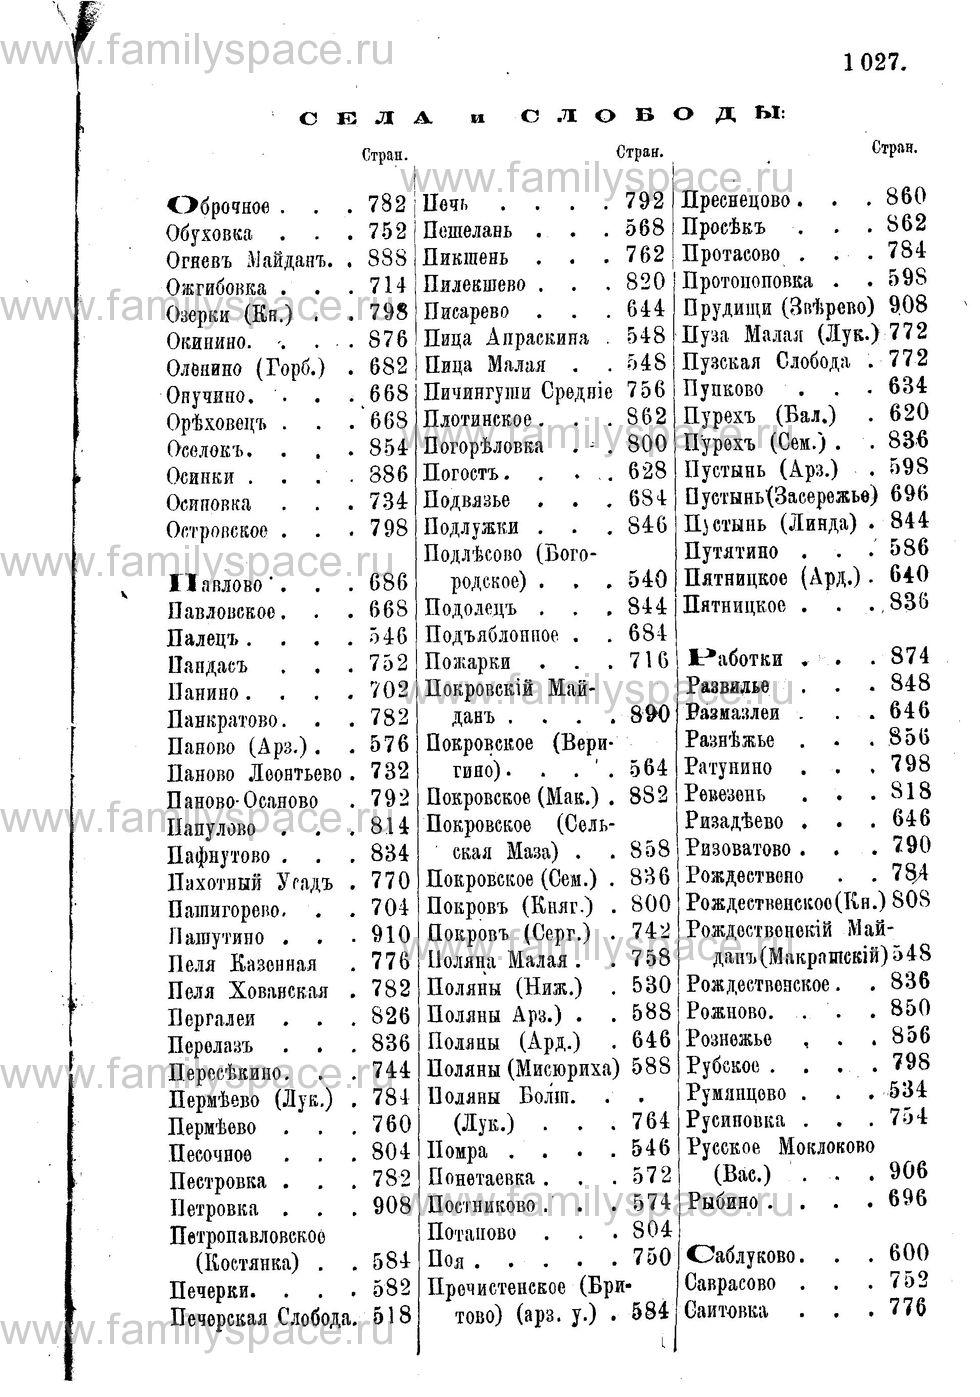 Поиск по фамилии - Адрес-календарь Нижегородской епархии на 1888 год, страница 2027